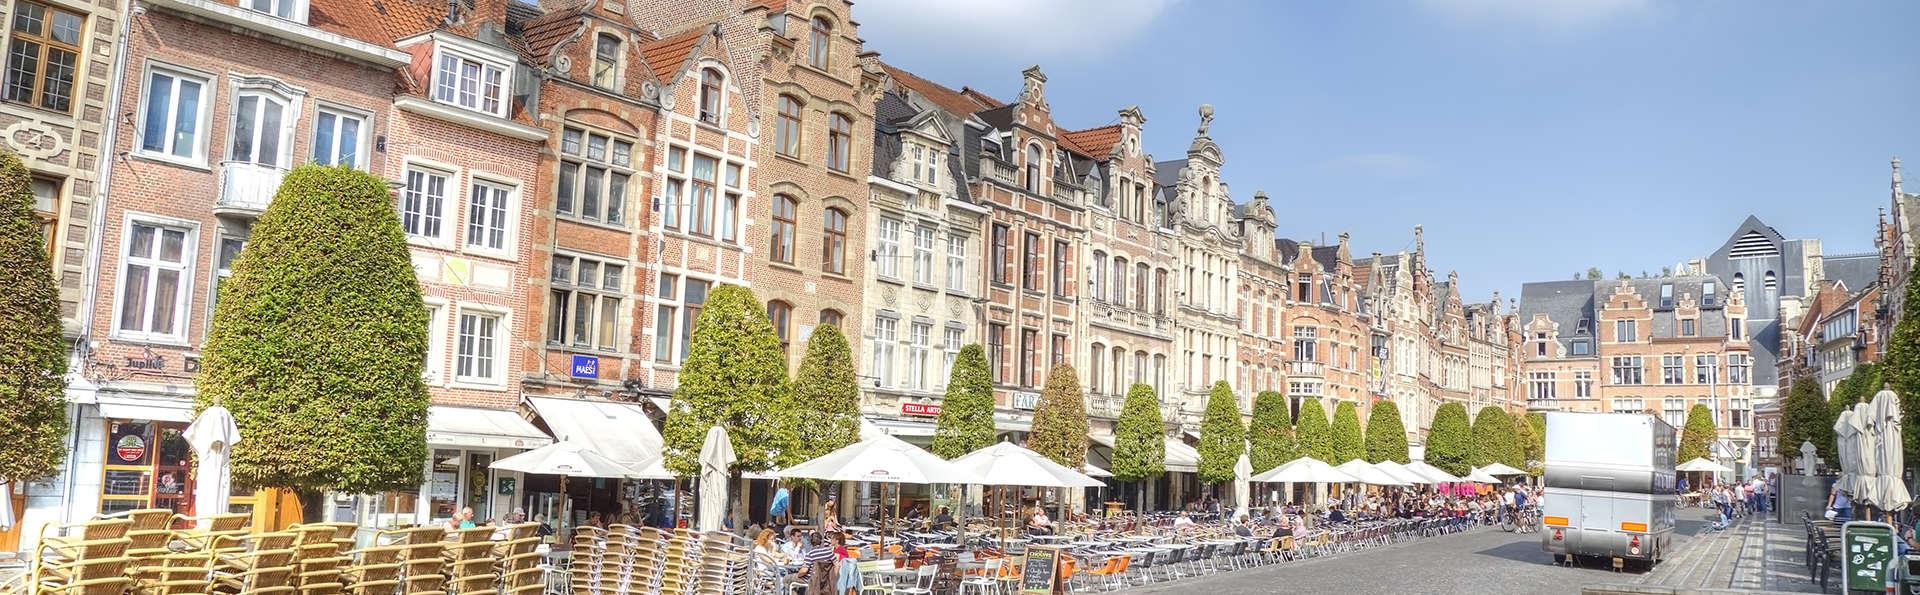 Encanto e historia en el corazón de la maravillosa localidad belga de Lovaina